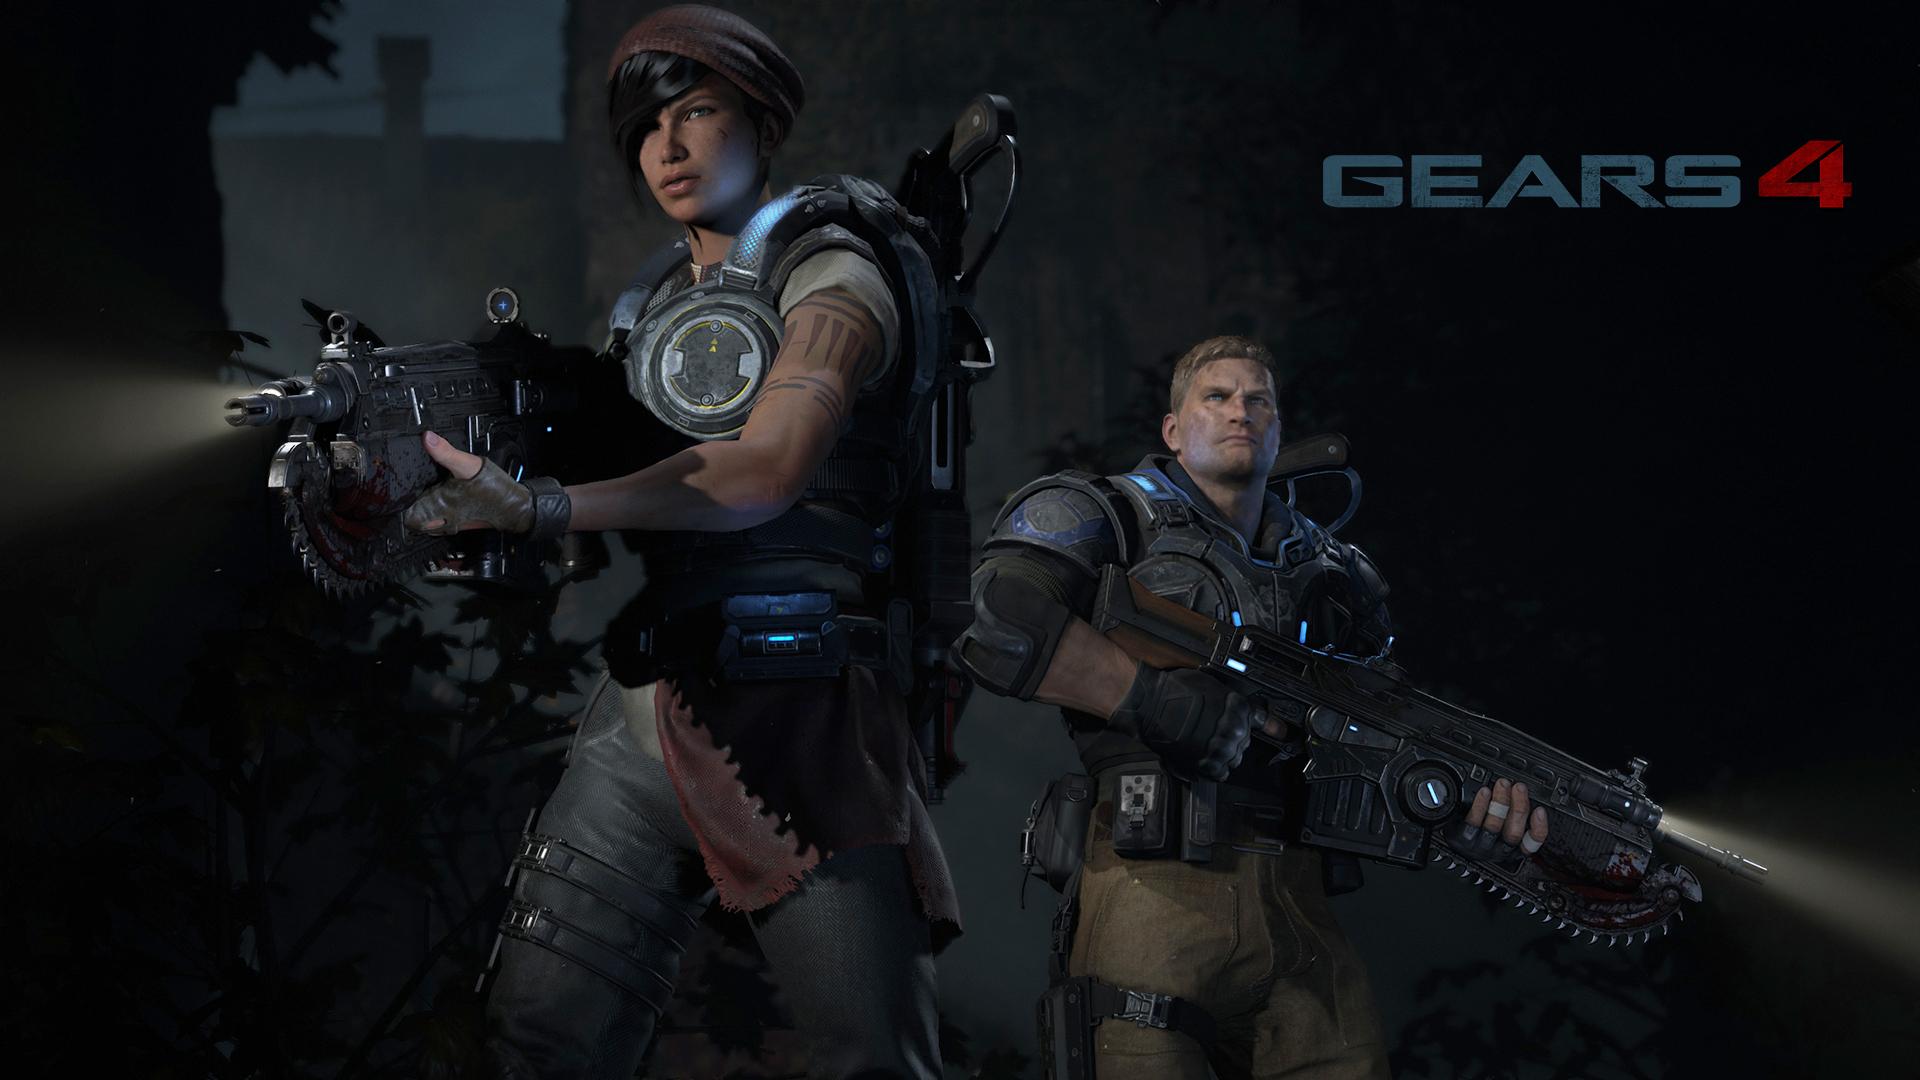 As novas caras e vozes de Gears of War 4